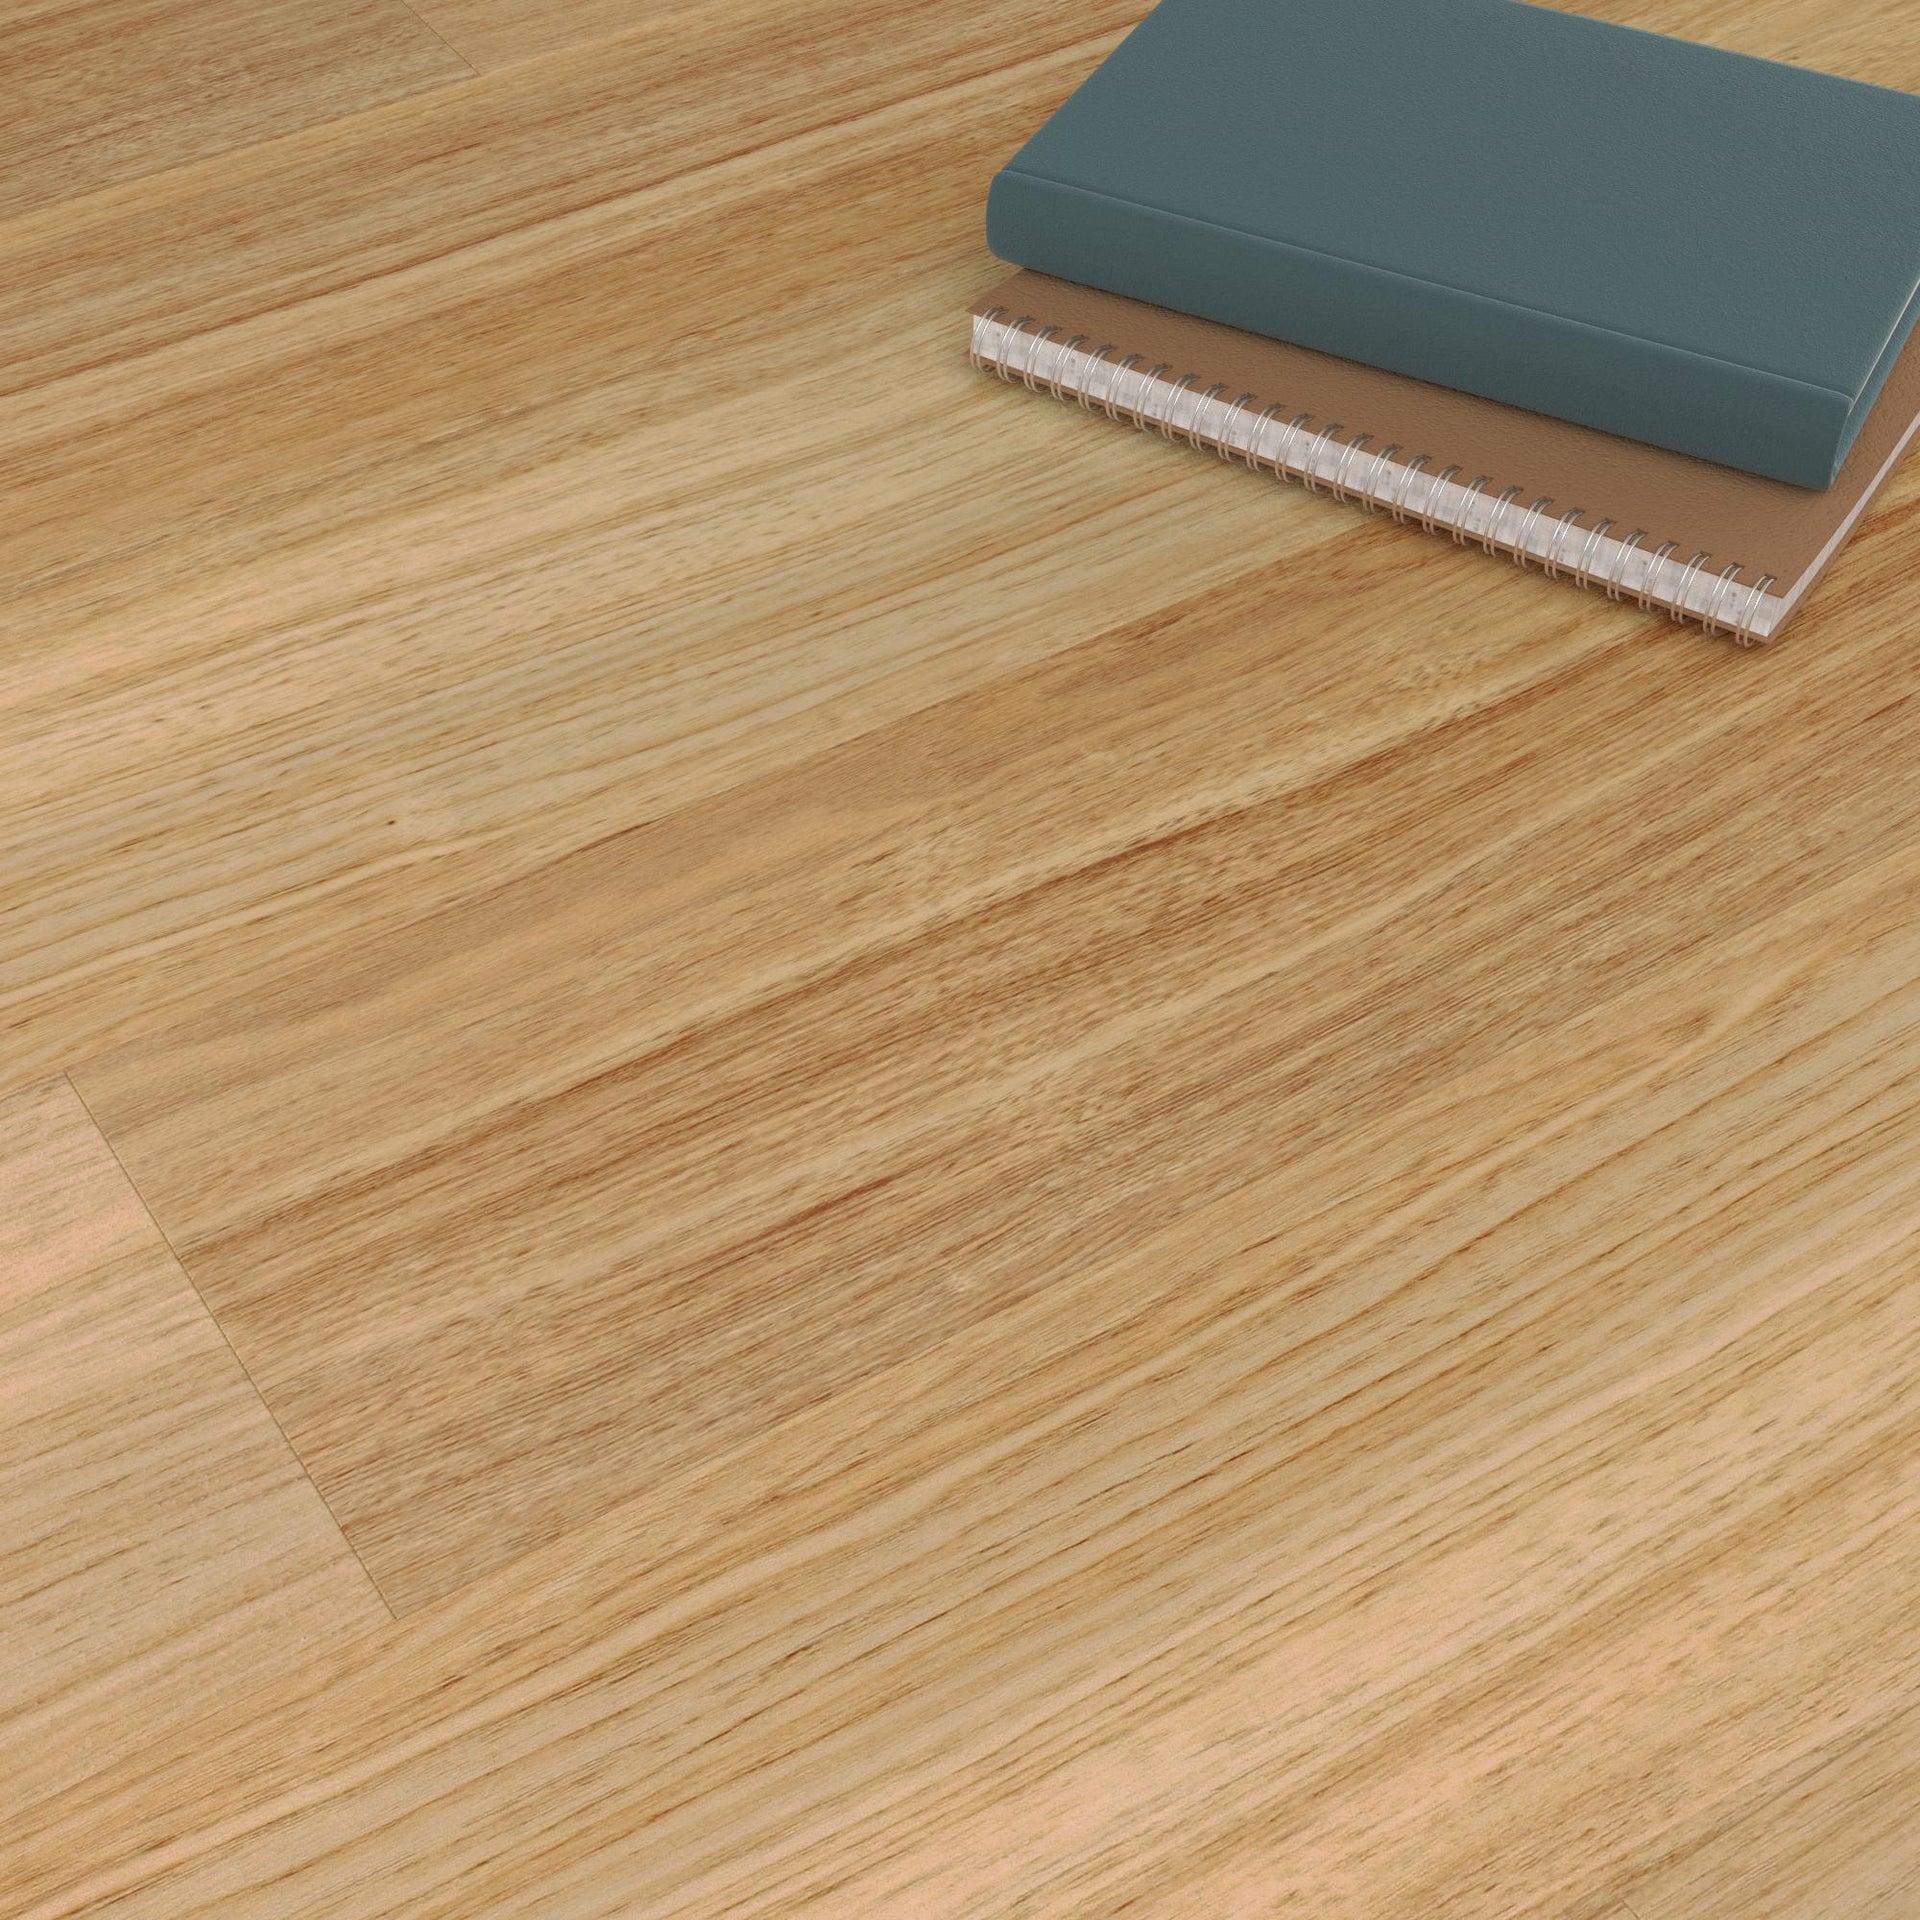 Pavimento PVC flottante clic+ Minto Sp 4 mm marrone - 2